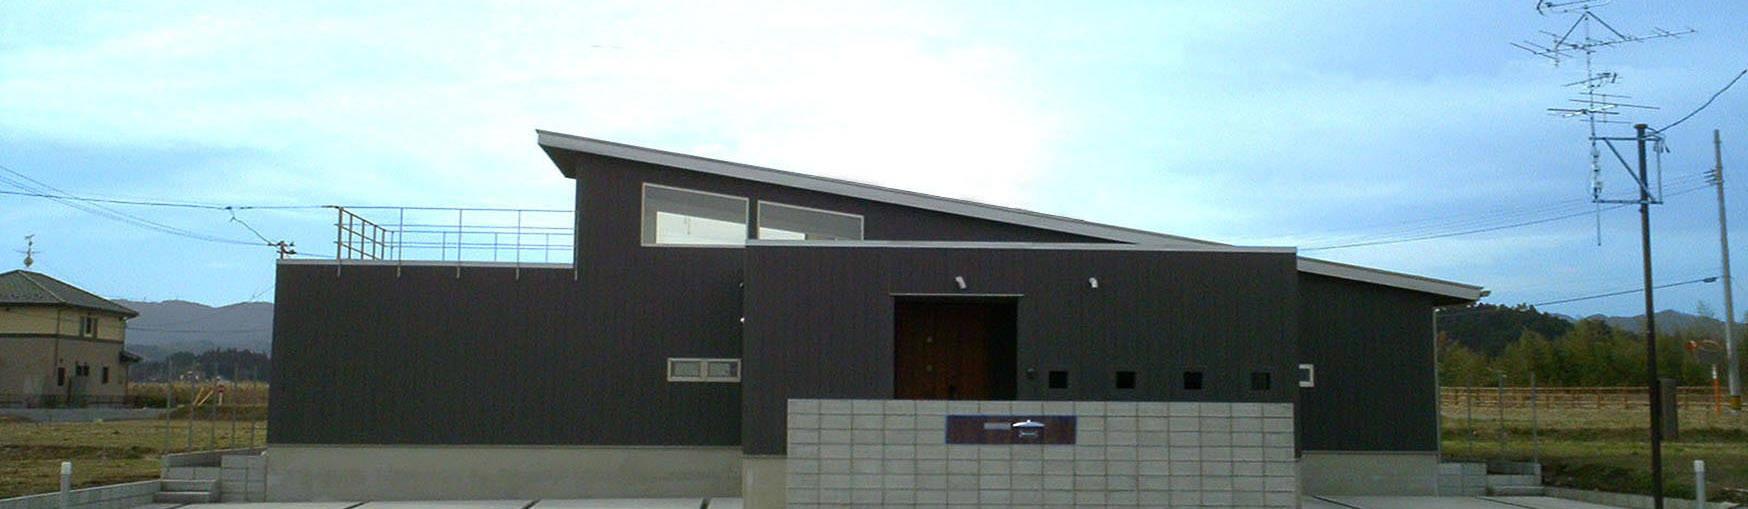 OZAWA設計室一級建築士事務所